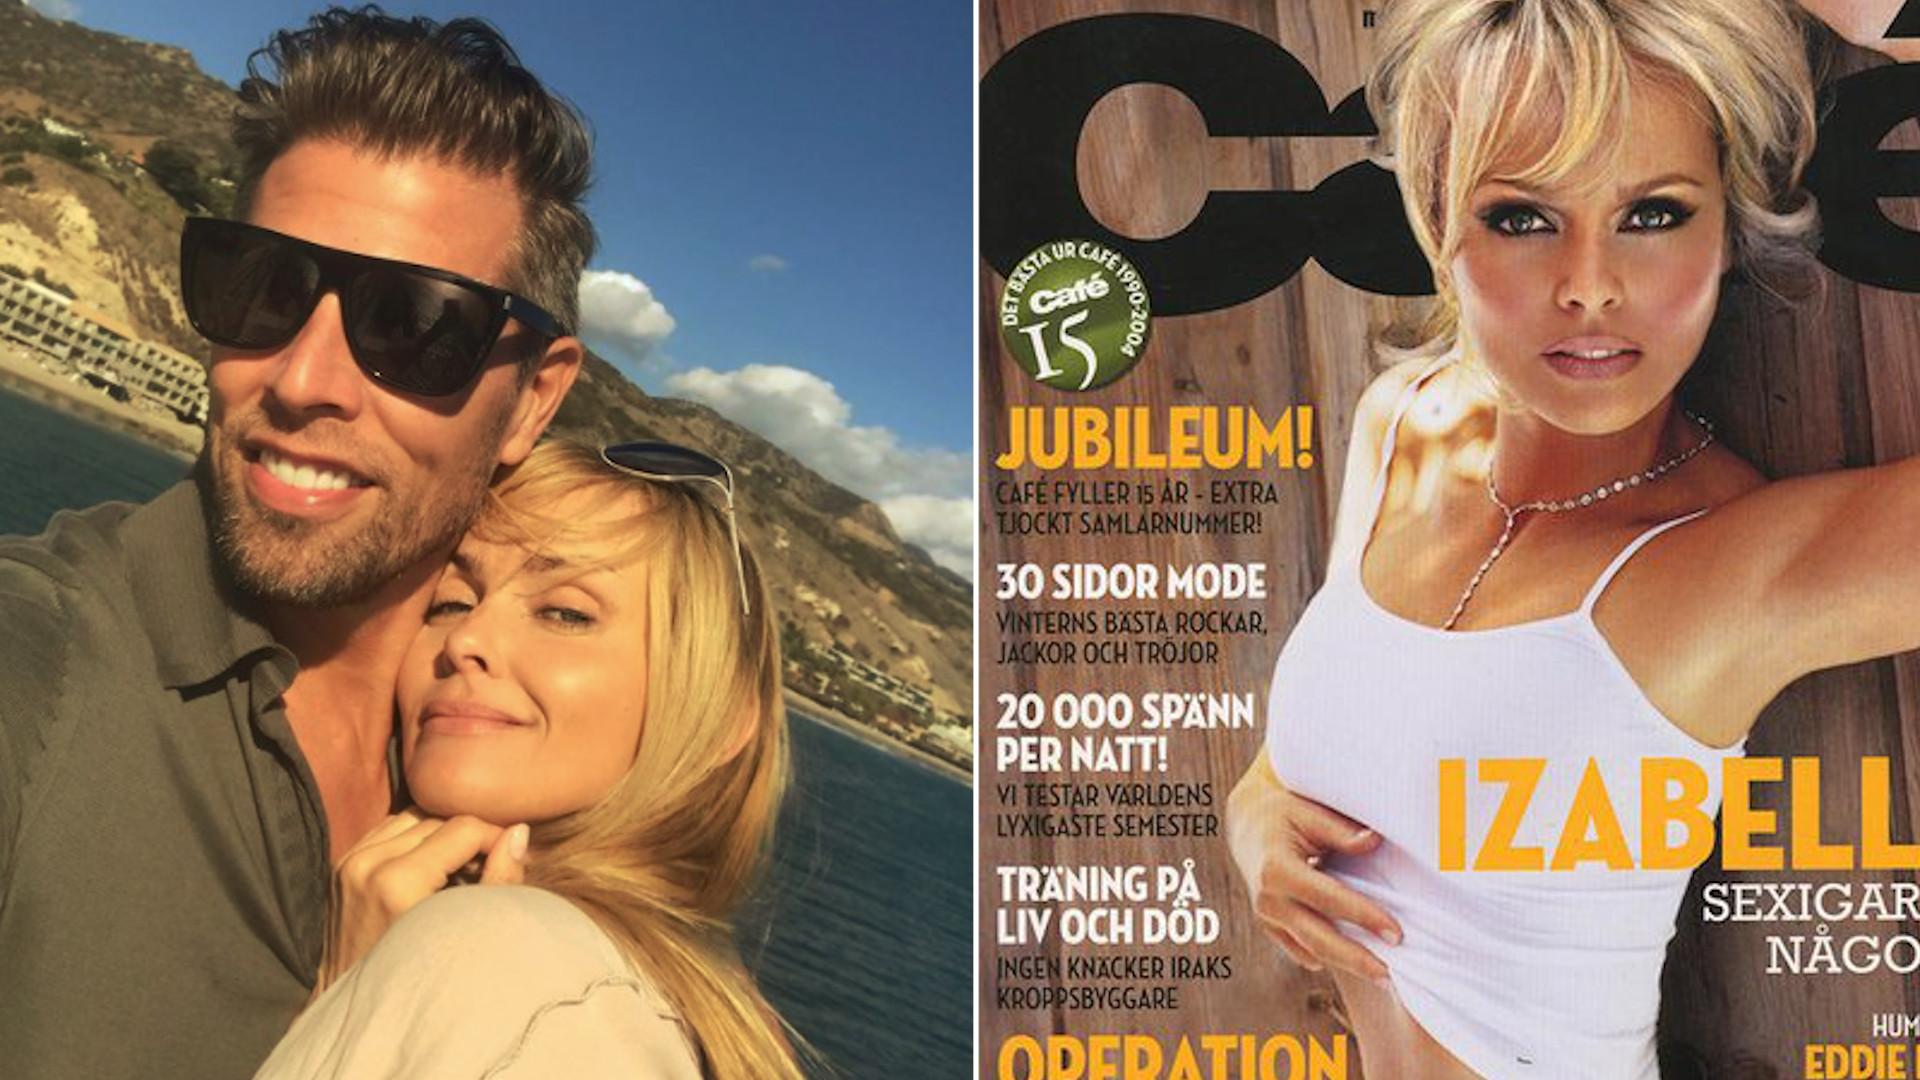 Izabella Scorupco mogła zostać polską gwiazdą Hollywood, a wybrała rodzinę. Co się z nią teraz dzieje?